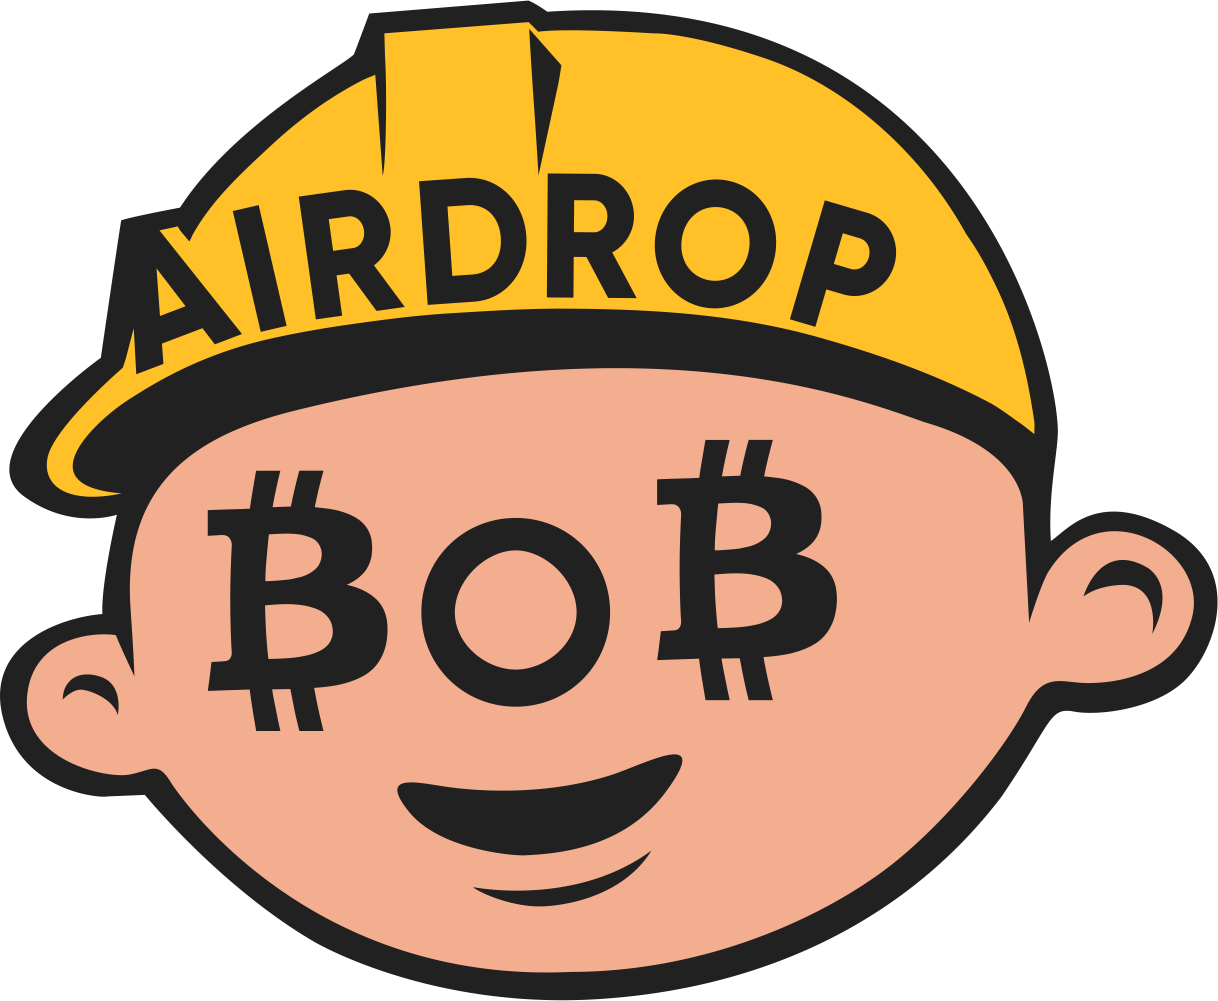 Airdrop Bob